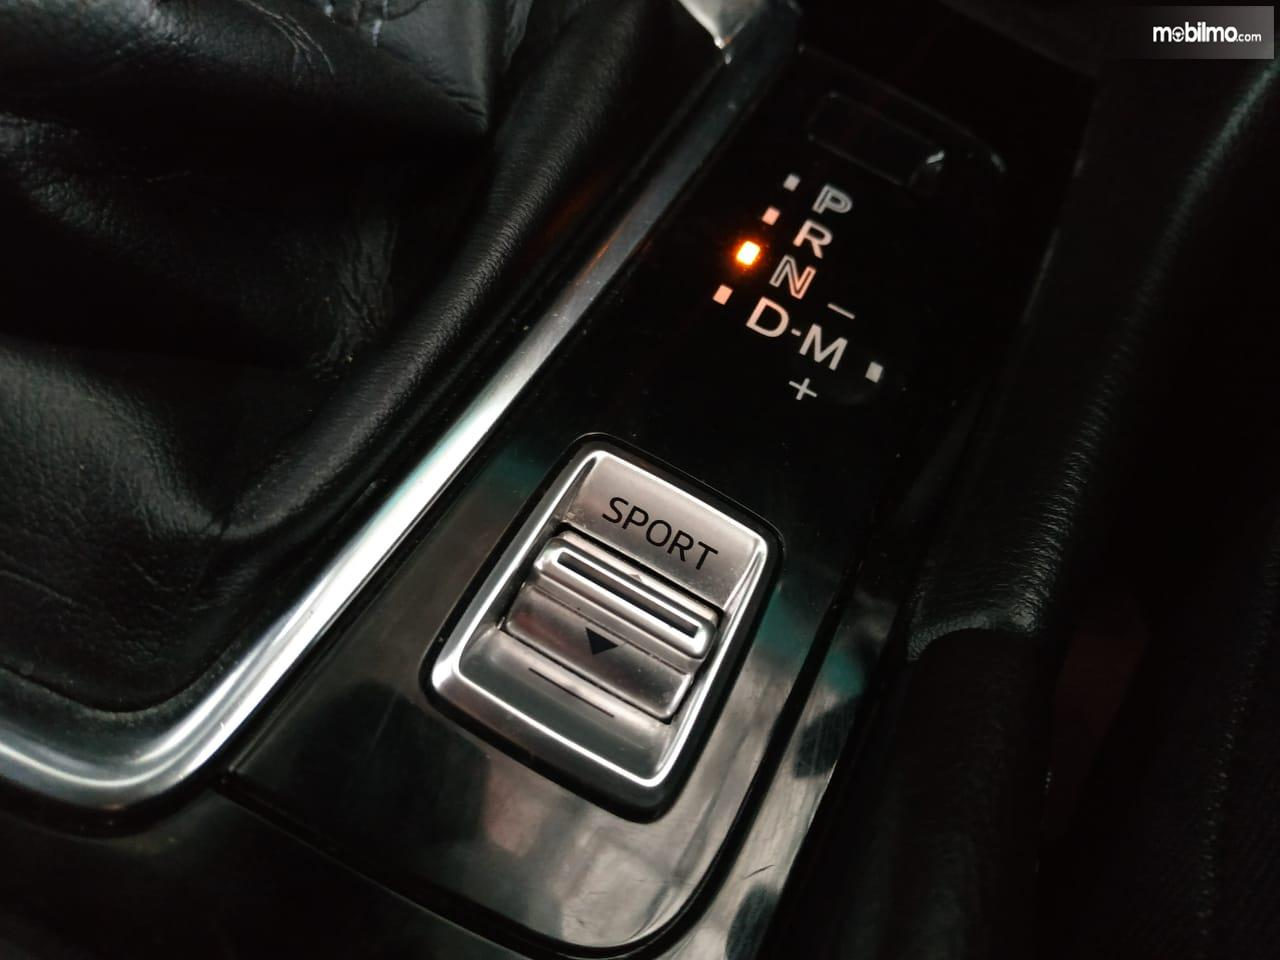 Tuas sport mode pada Mazda 3